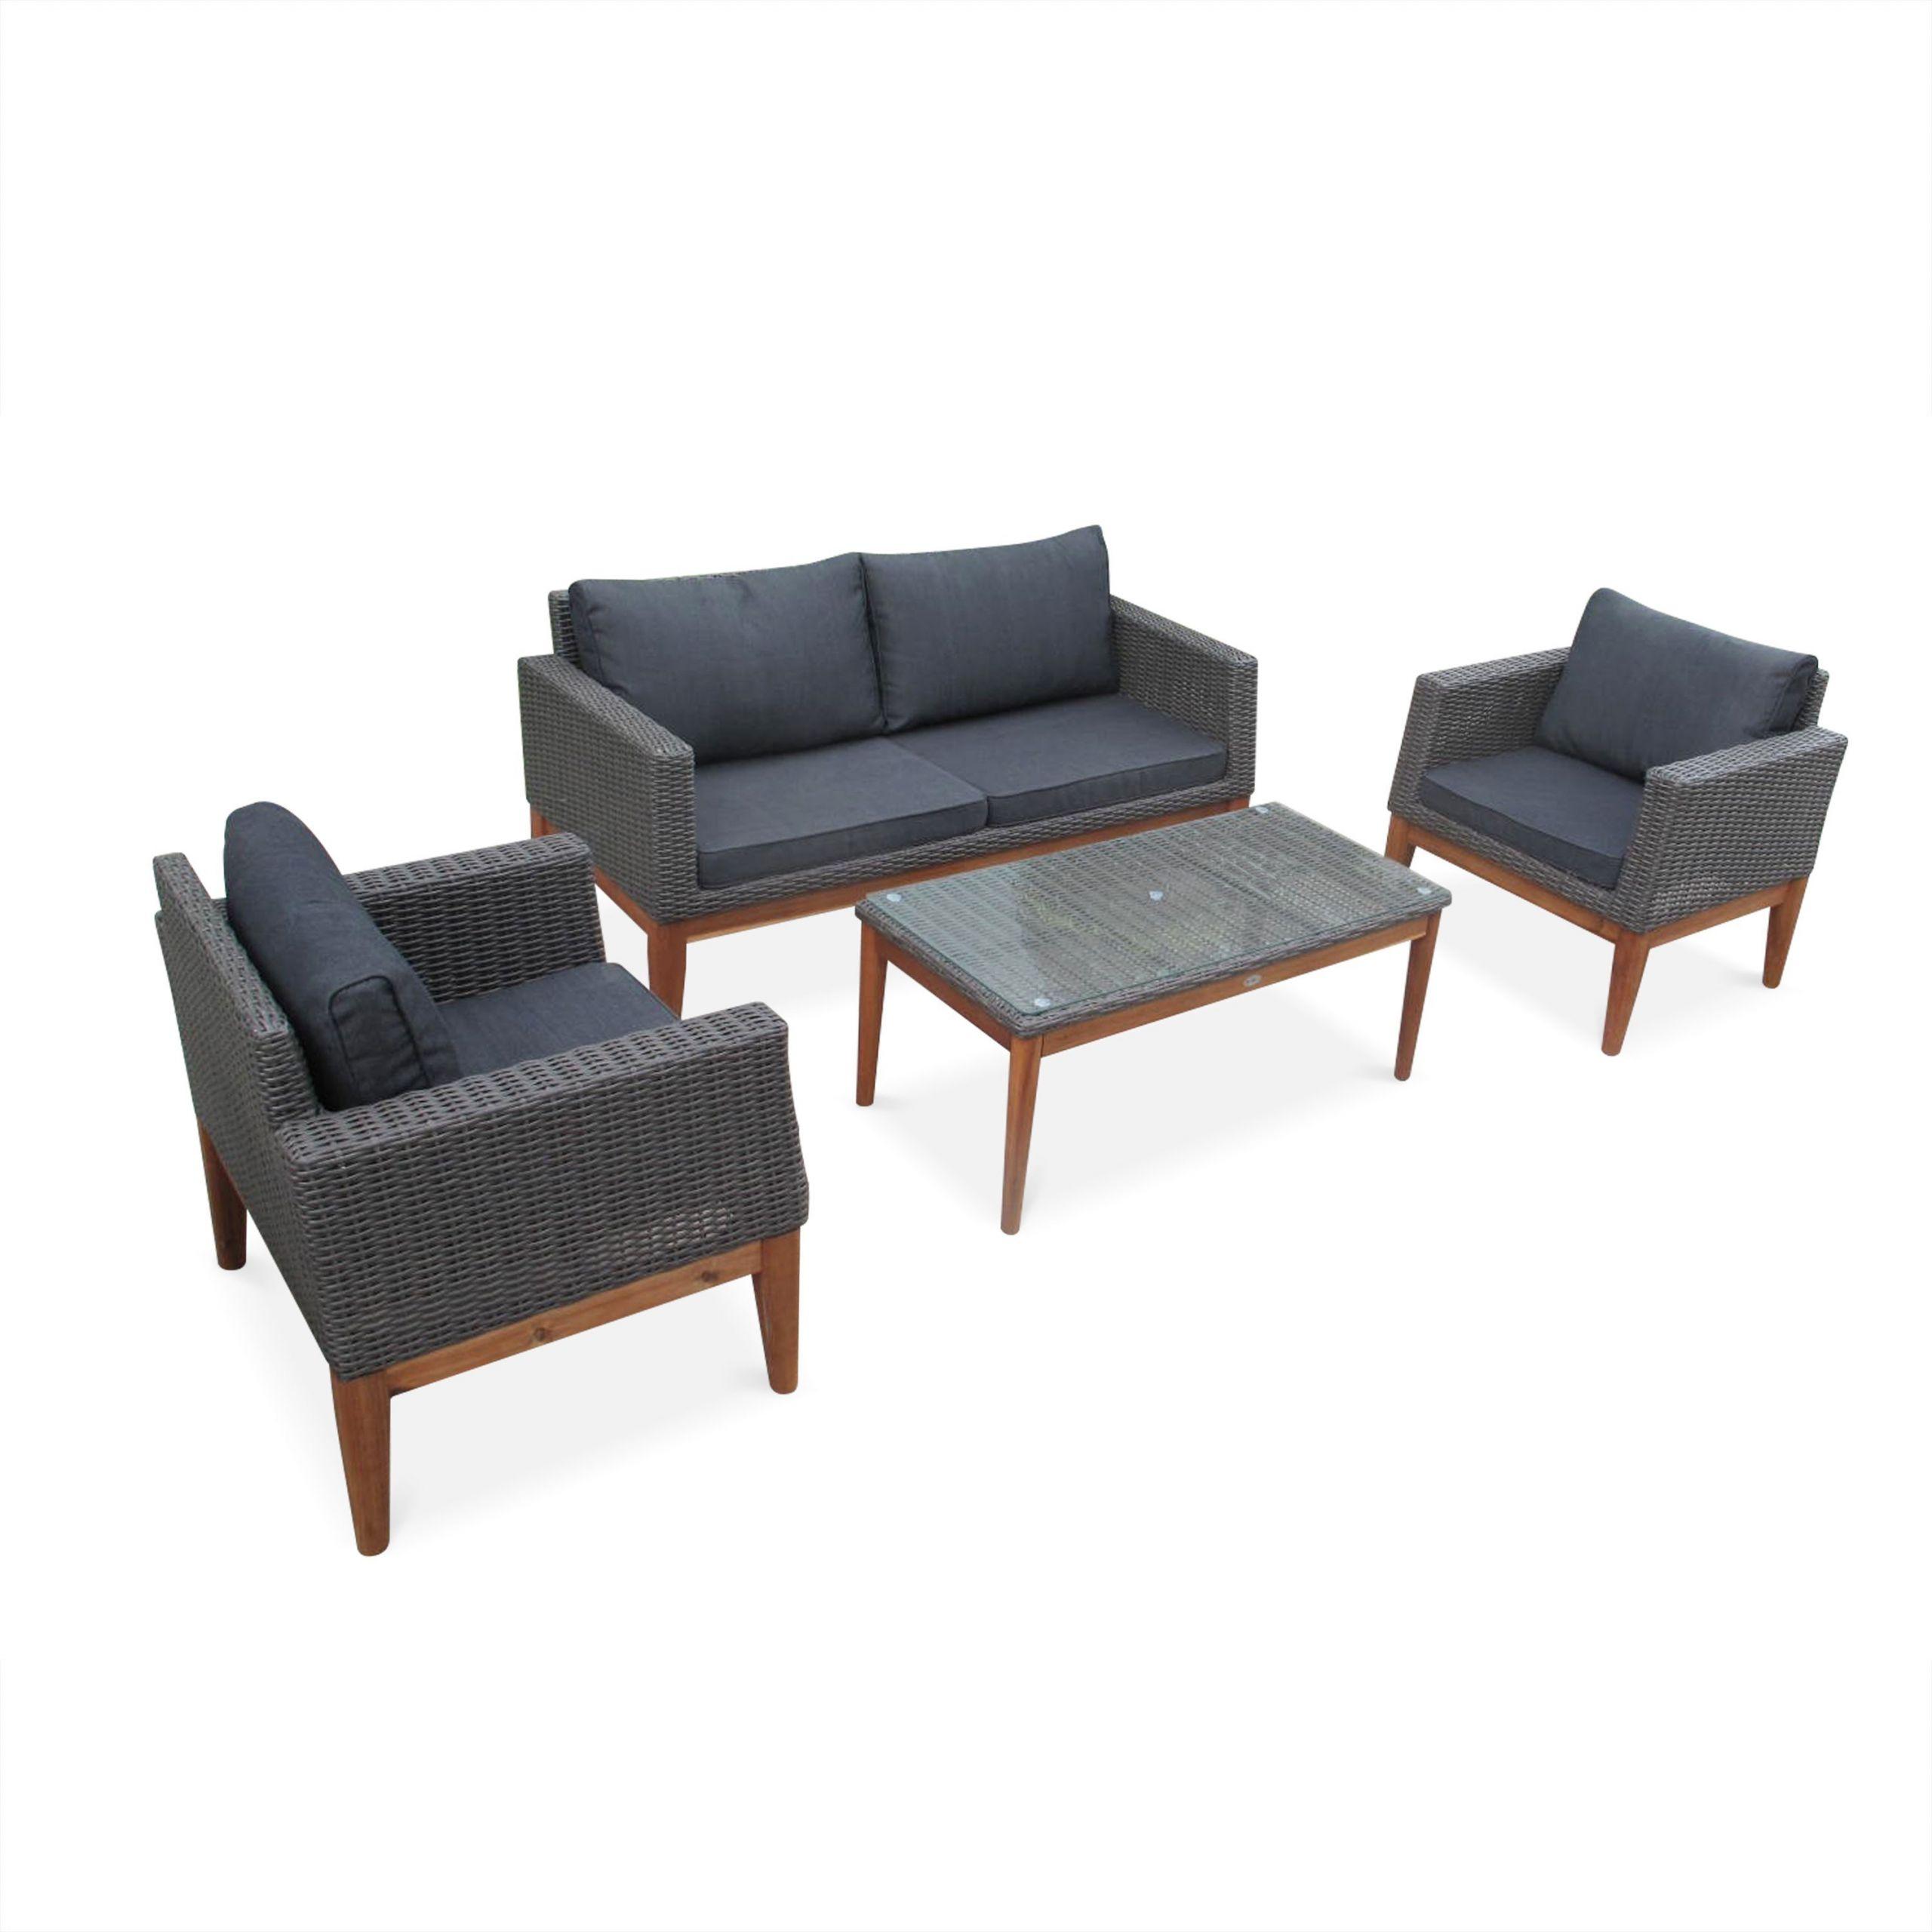 table de terrasse pas cher impressionnant de chaise salon de jardin pas cher